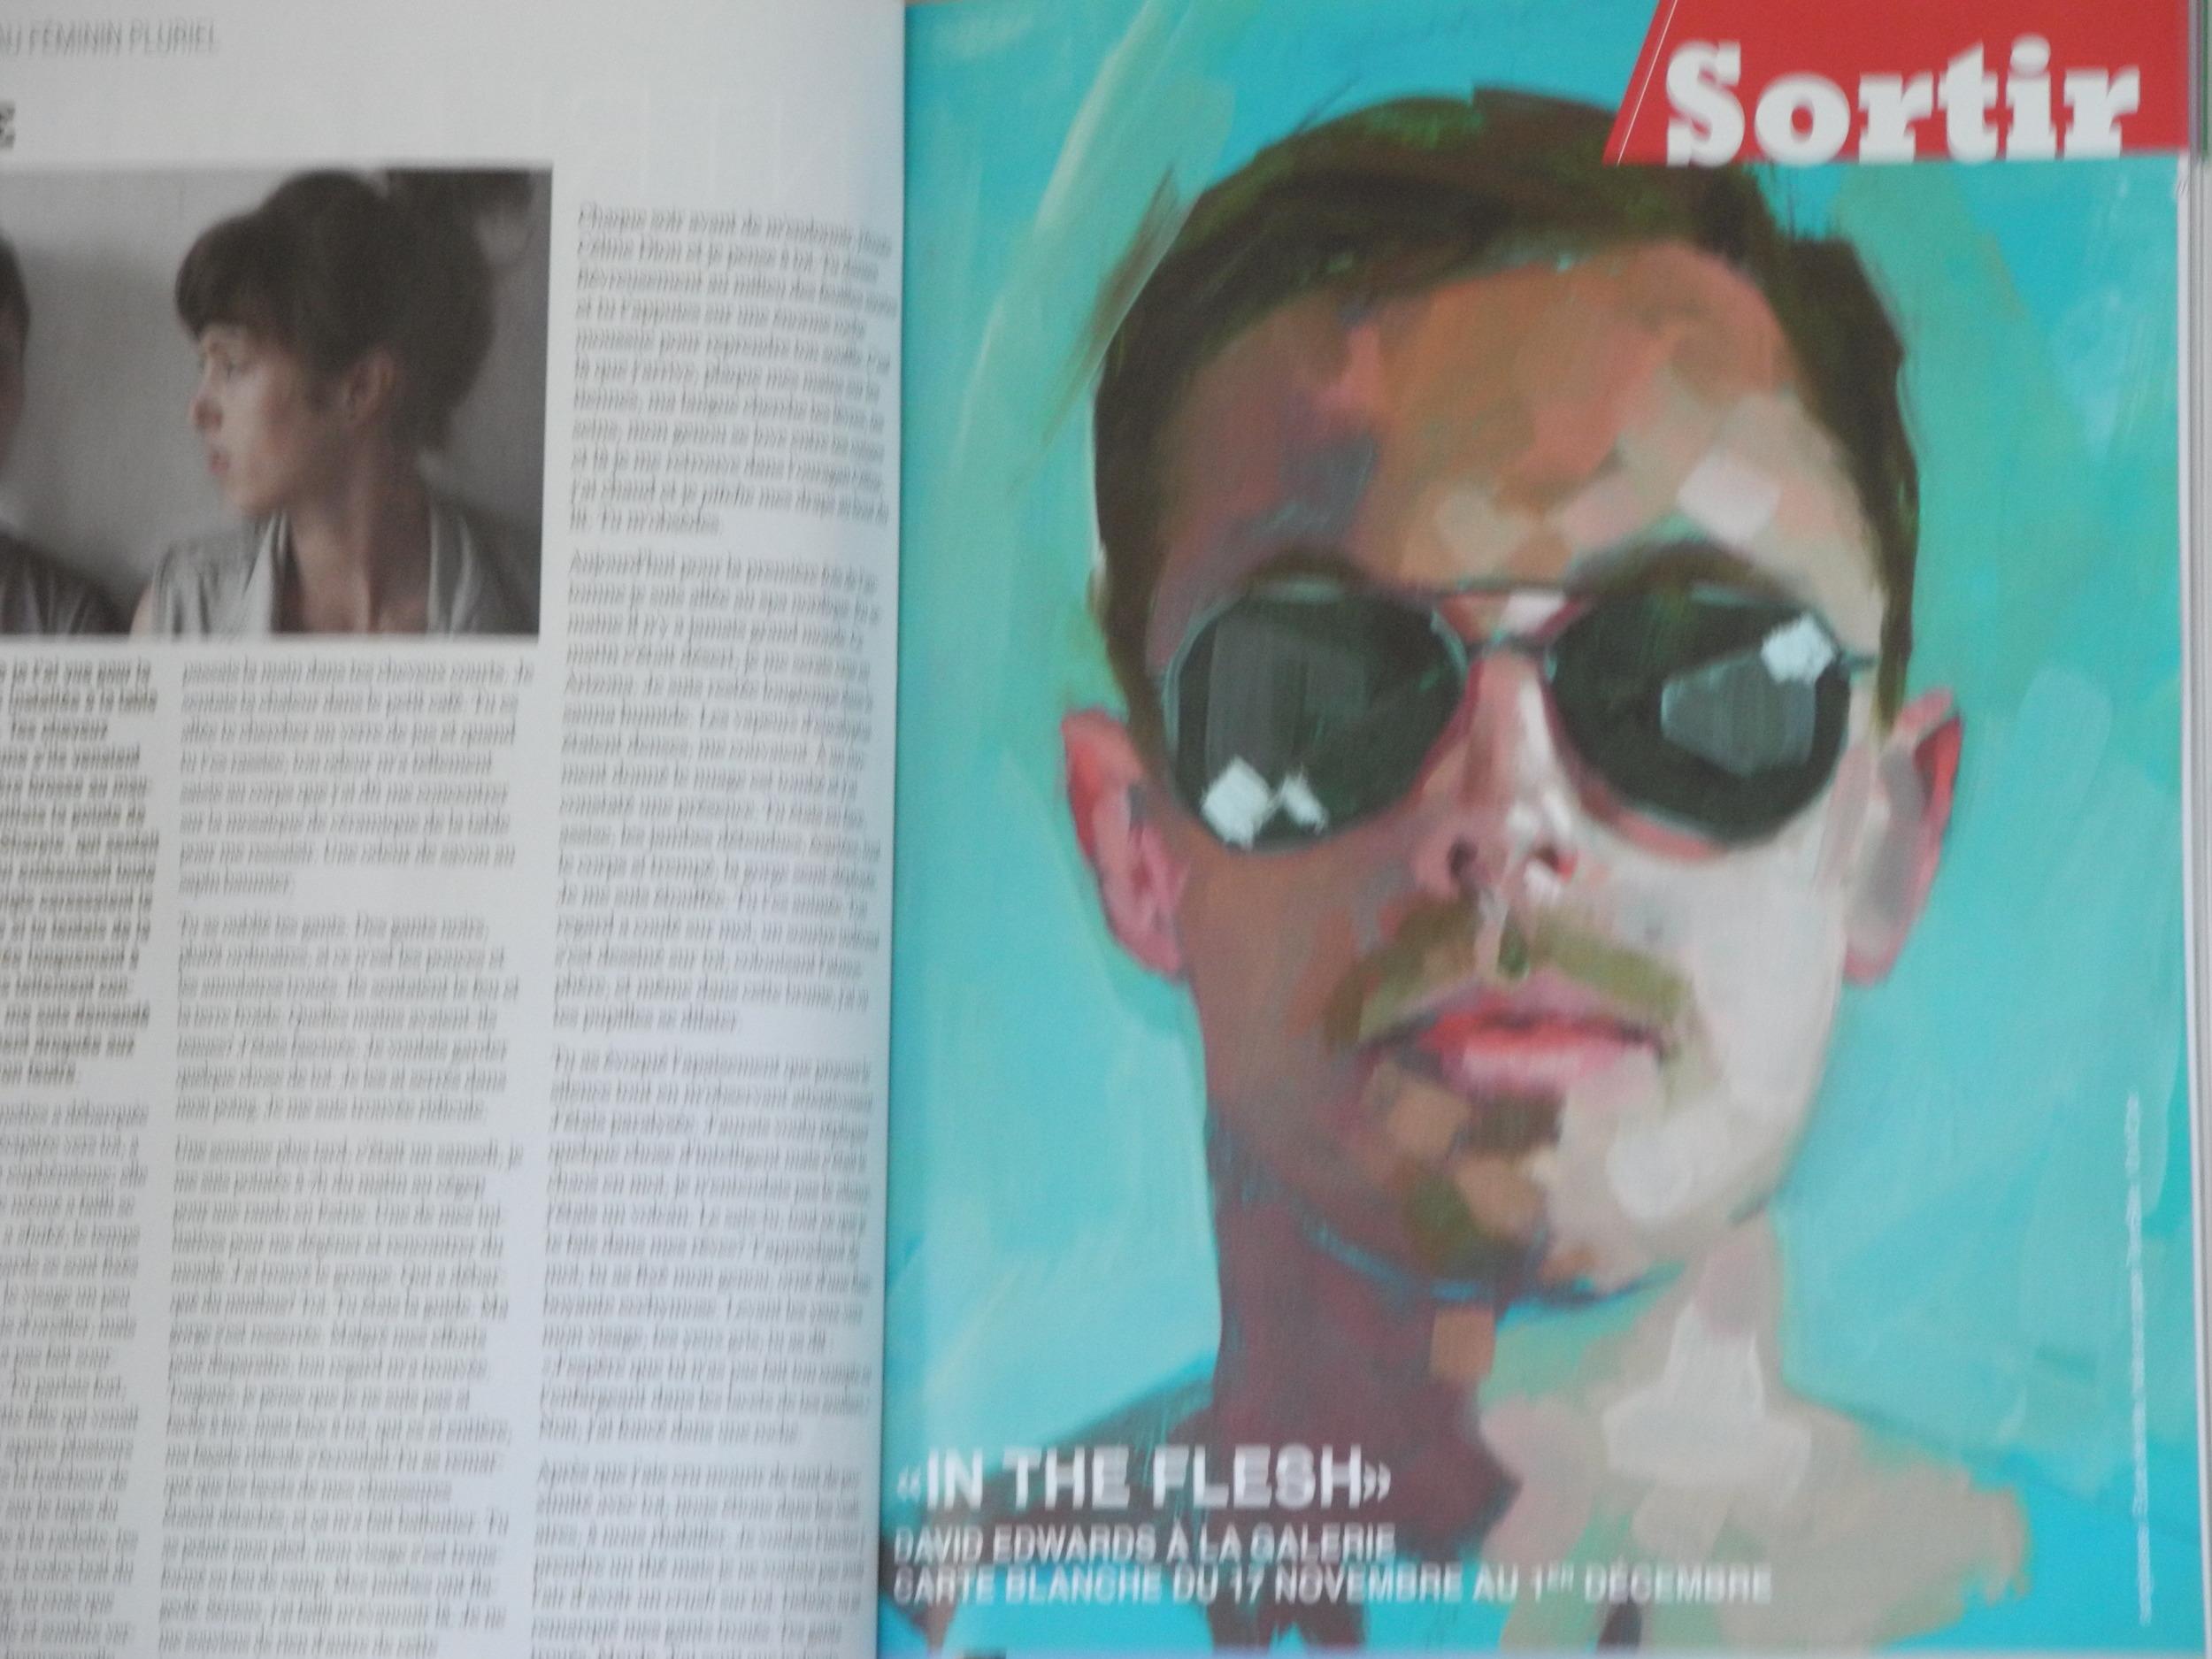 Le magazine Fugues ouvert aux pages 42-43.